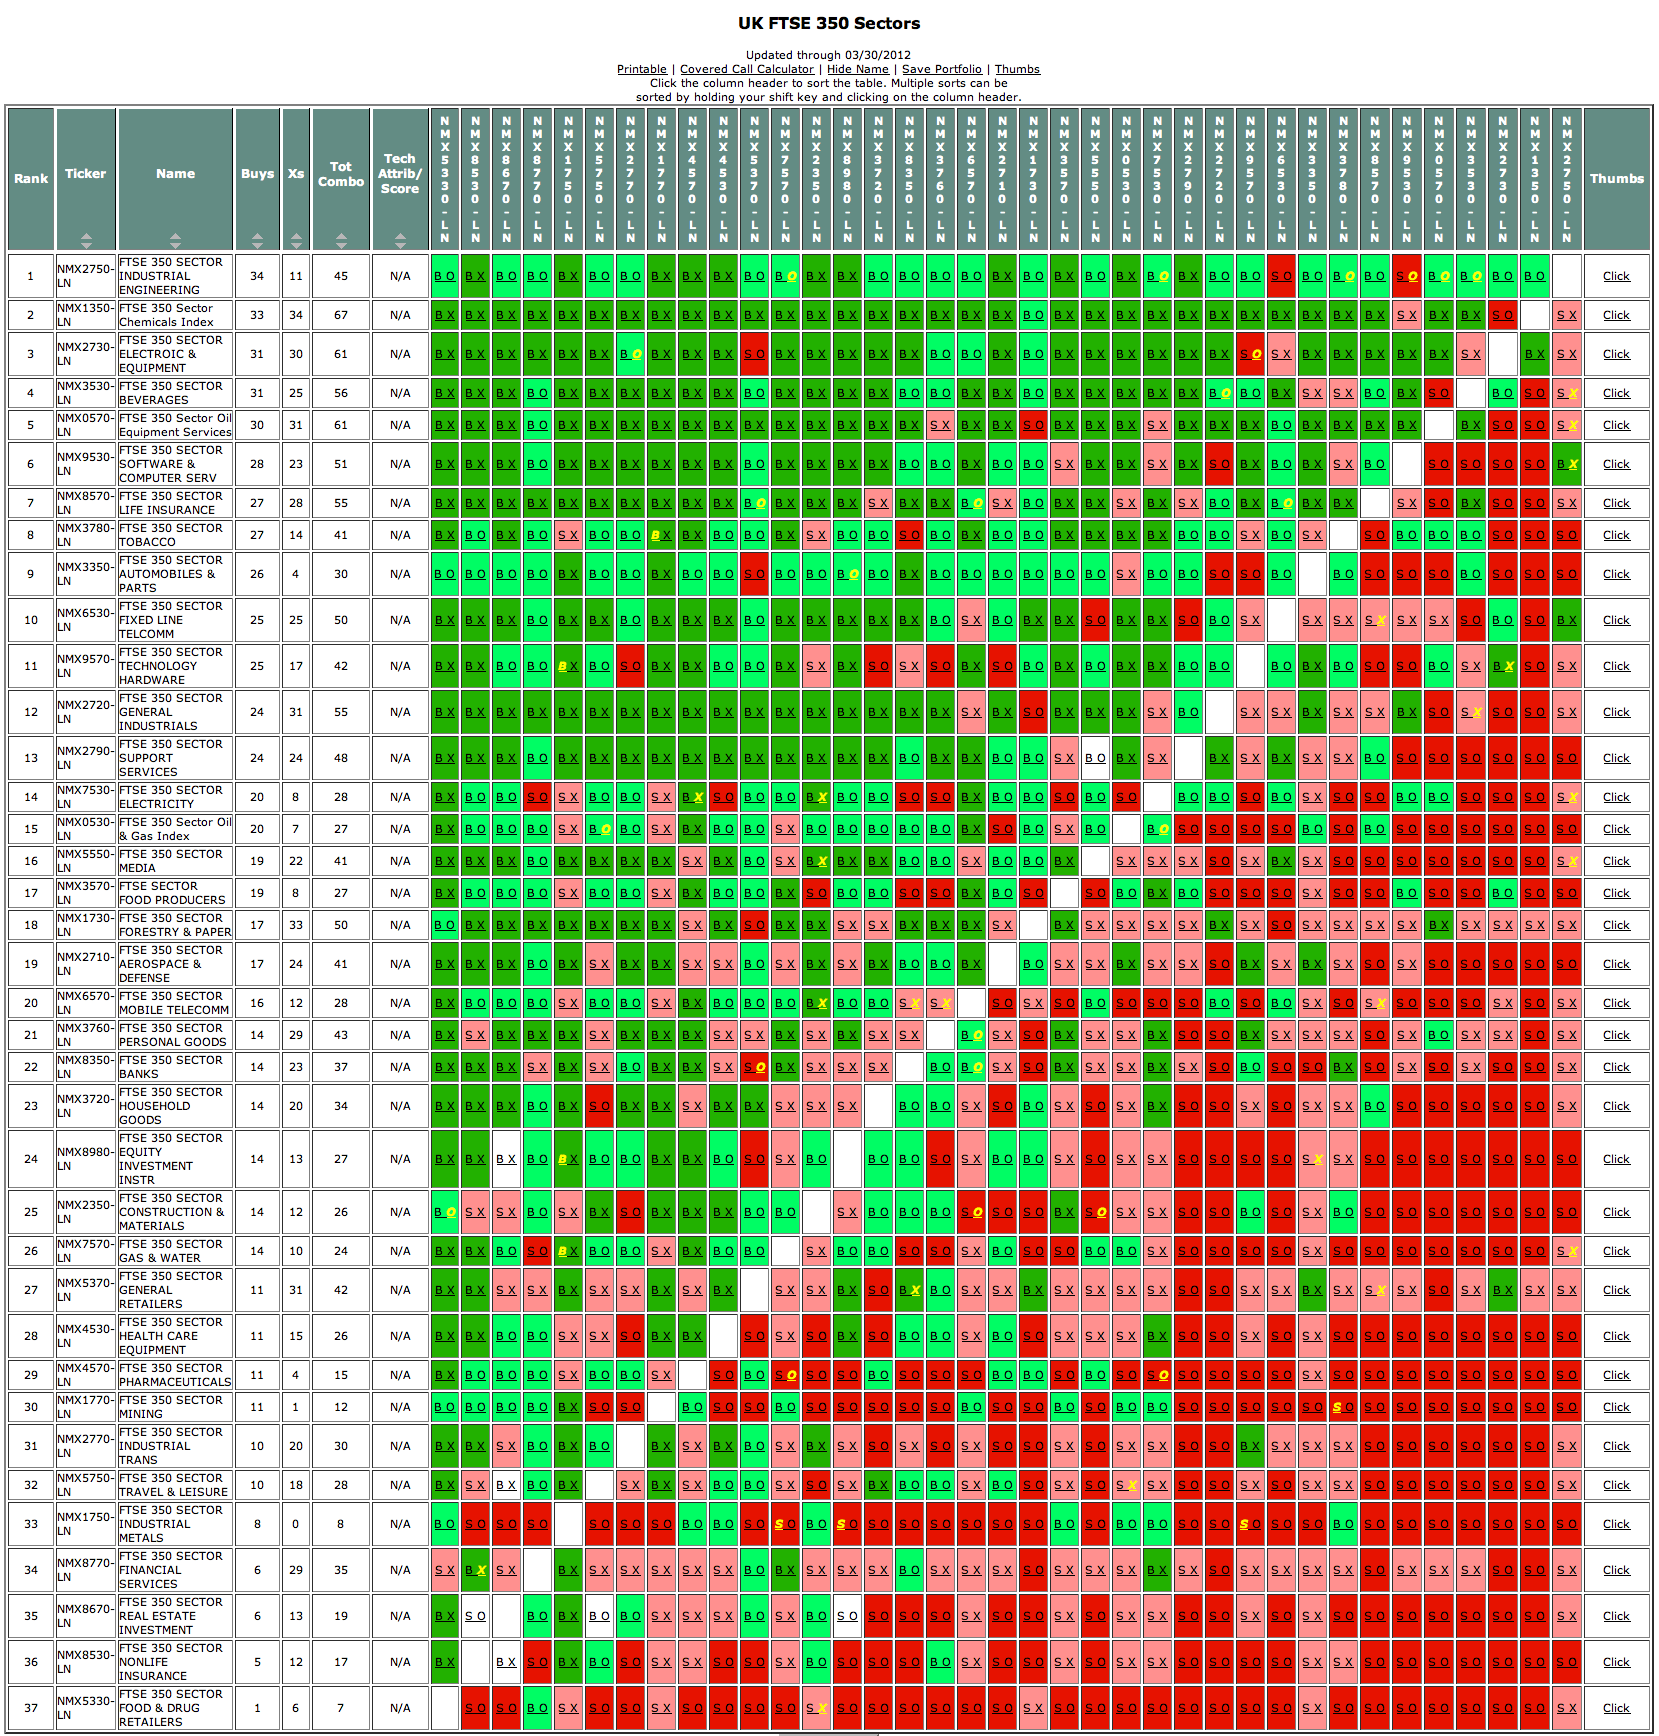 ftse350-sectors-m_30-3-12.png